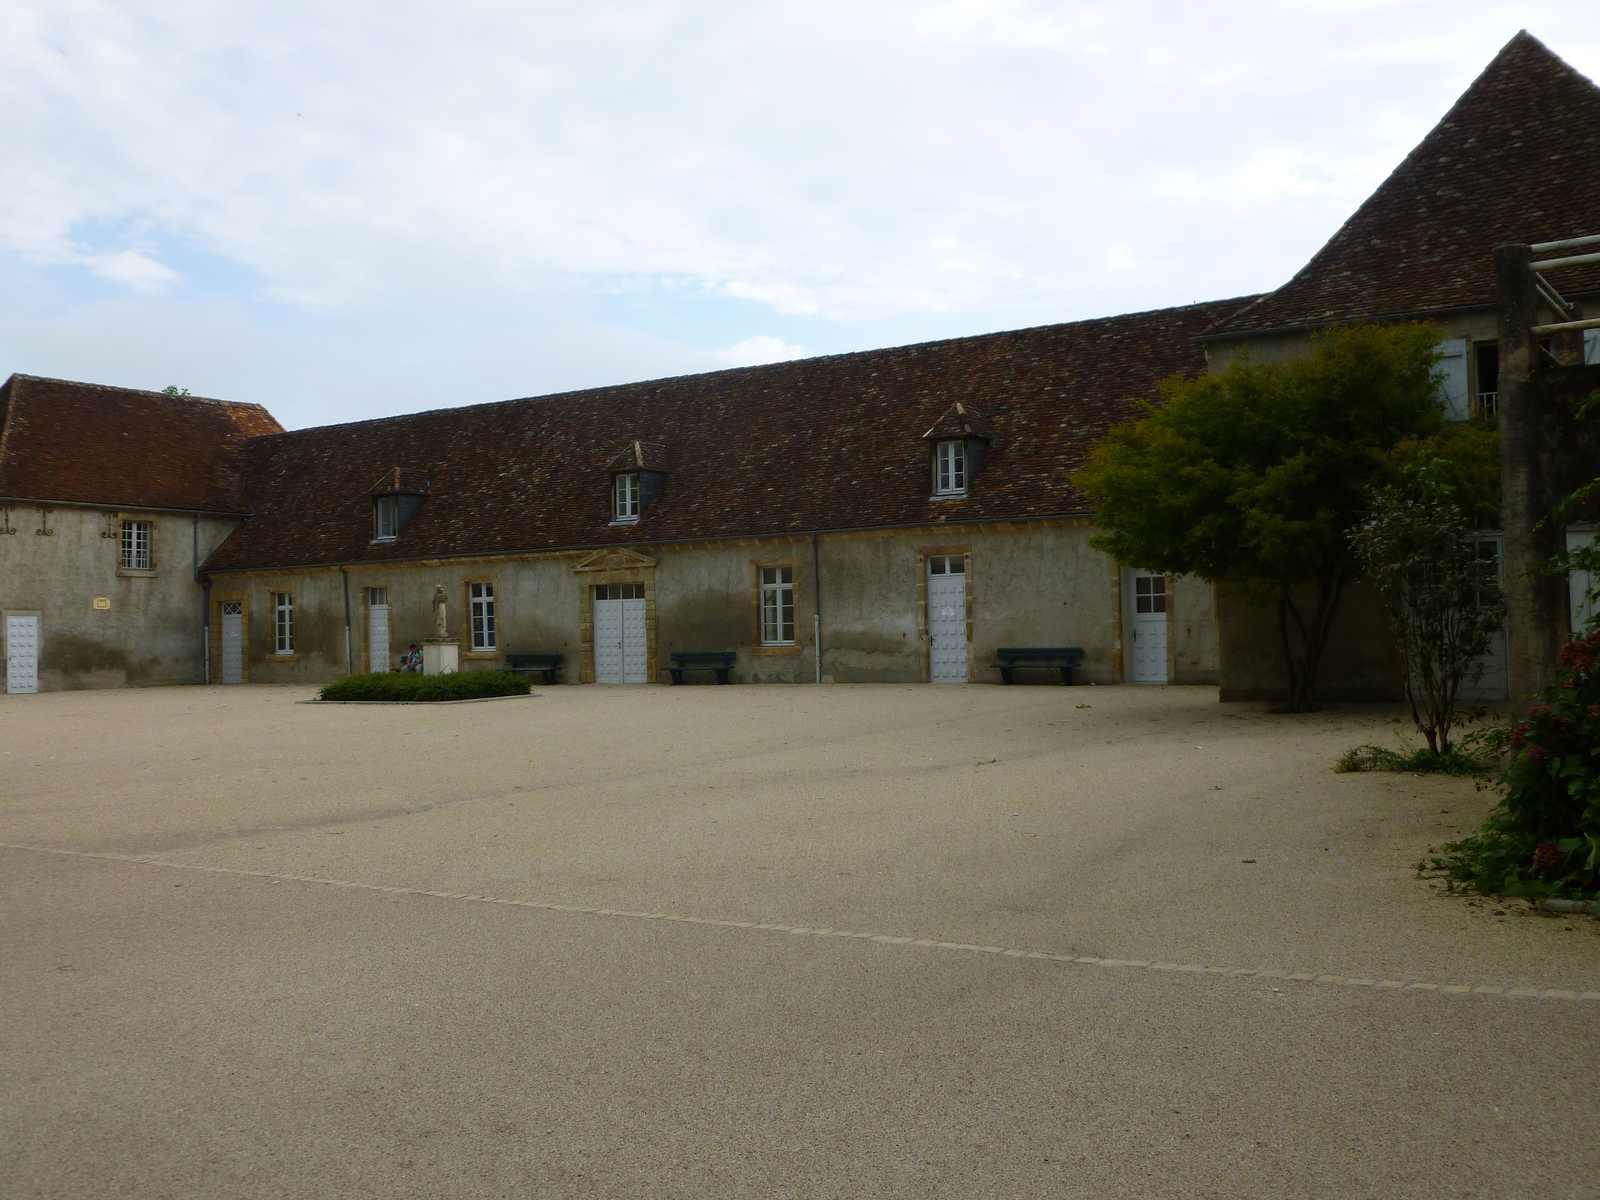 cour Saint Joseph ou cour collège Ets Ste-Bernadette